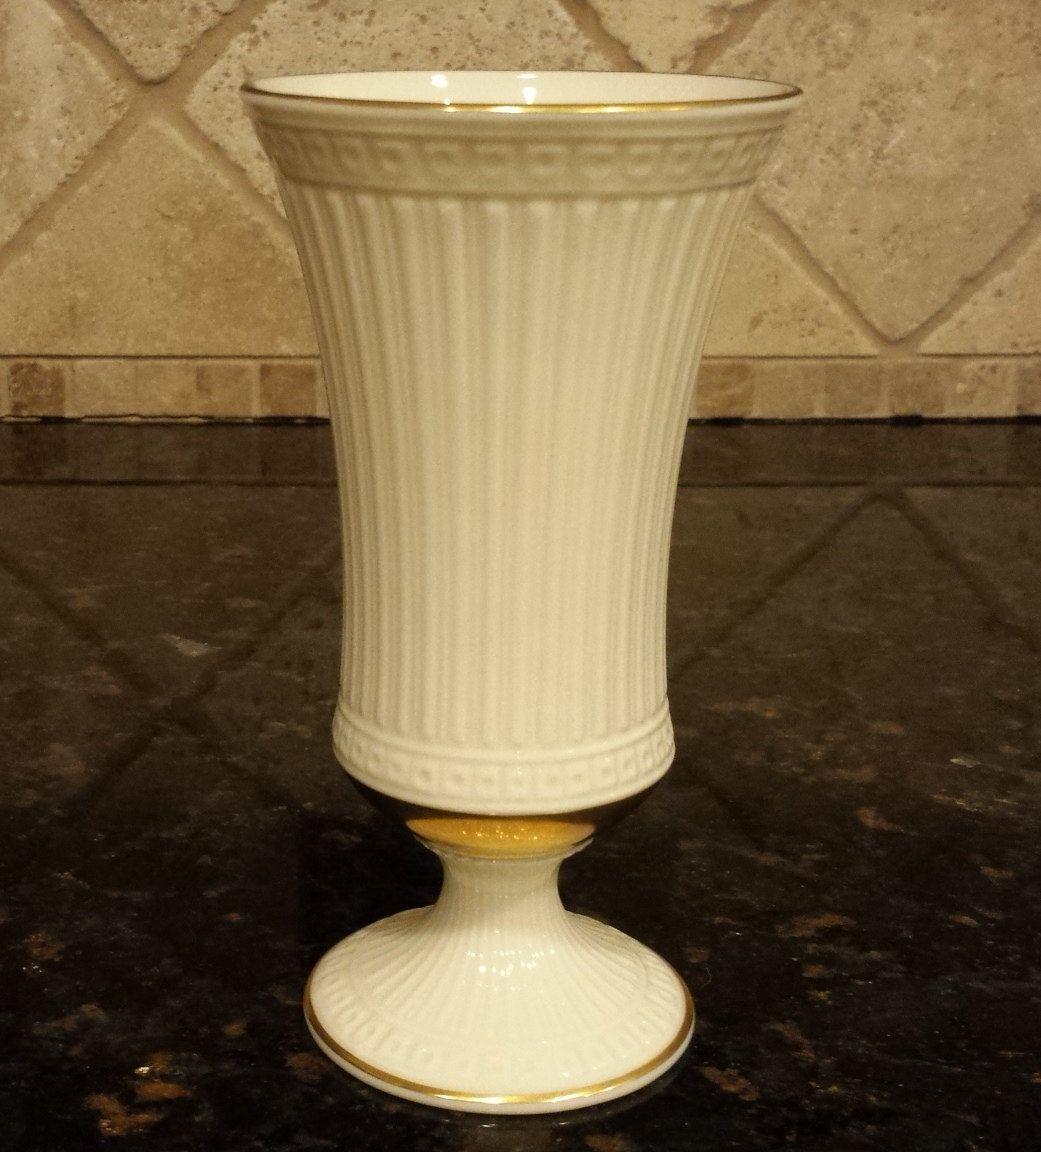 Vintage Lenox Vase Grecian Collection Ivory Porcelain